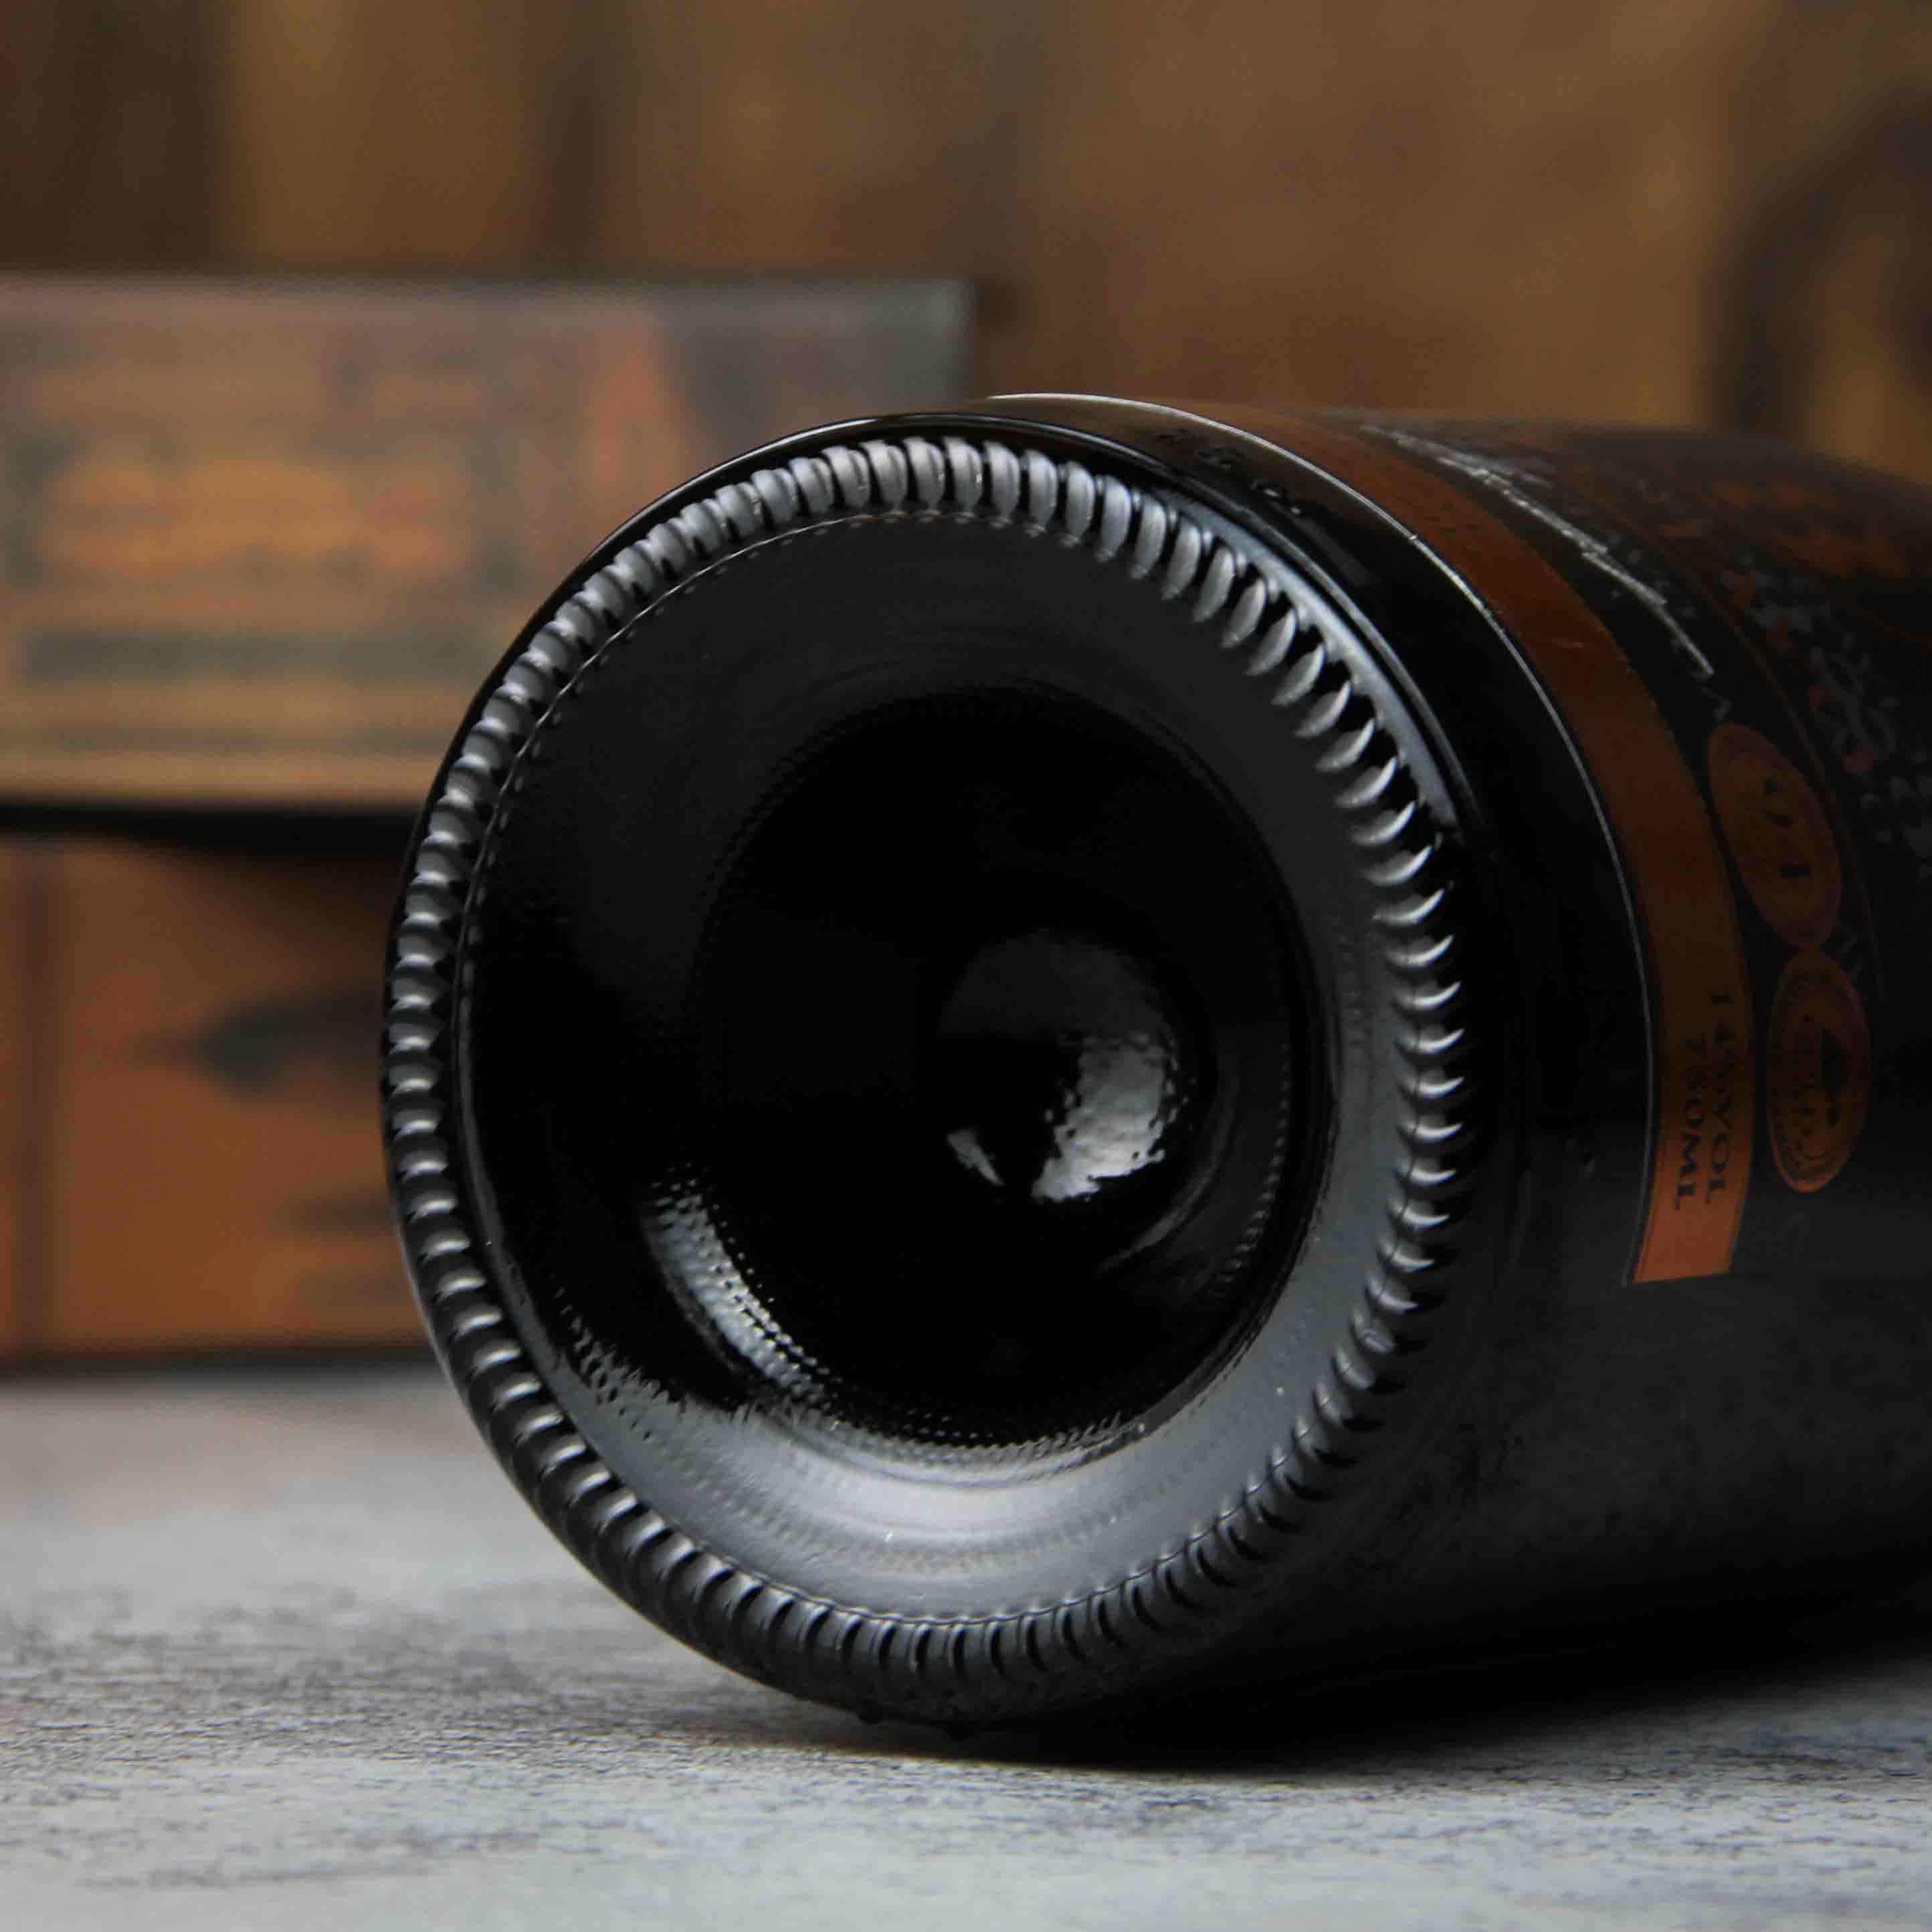 智利库里克奥卡罗特级珍藏干红葡萄酒